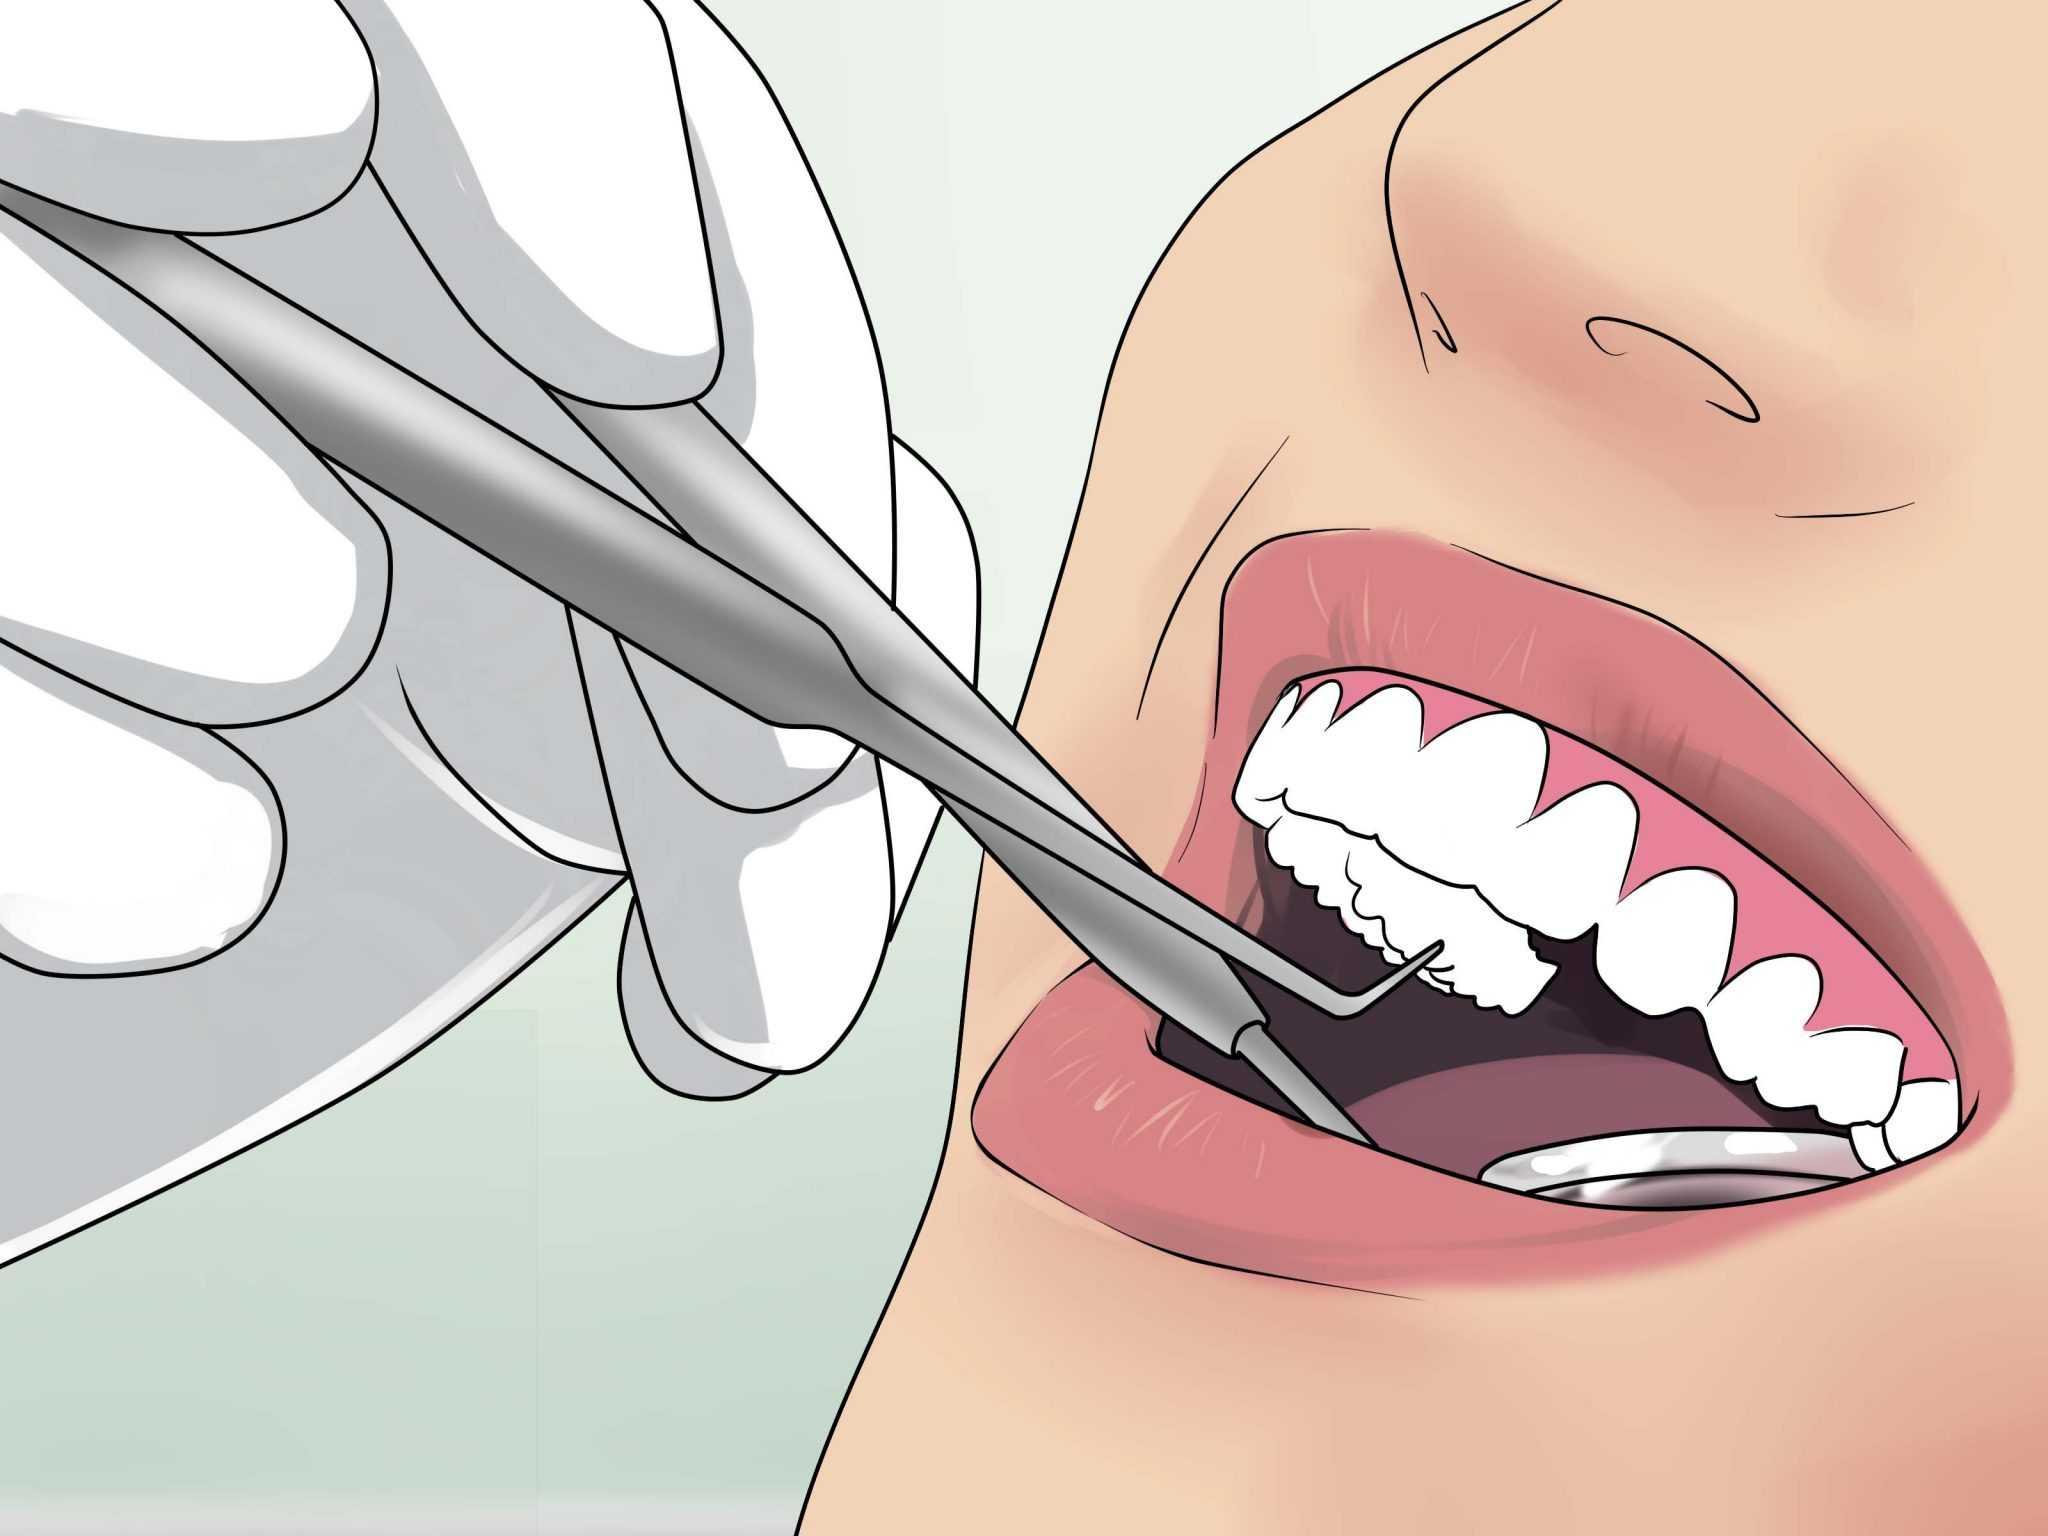 Как справиться с инфекциями после удаления зуба